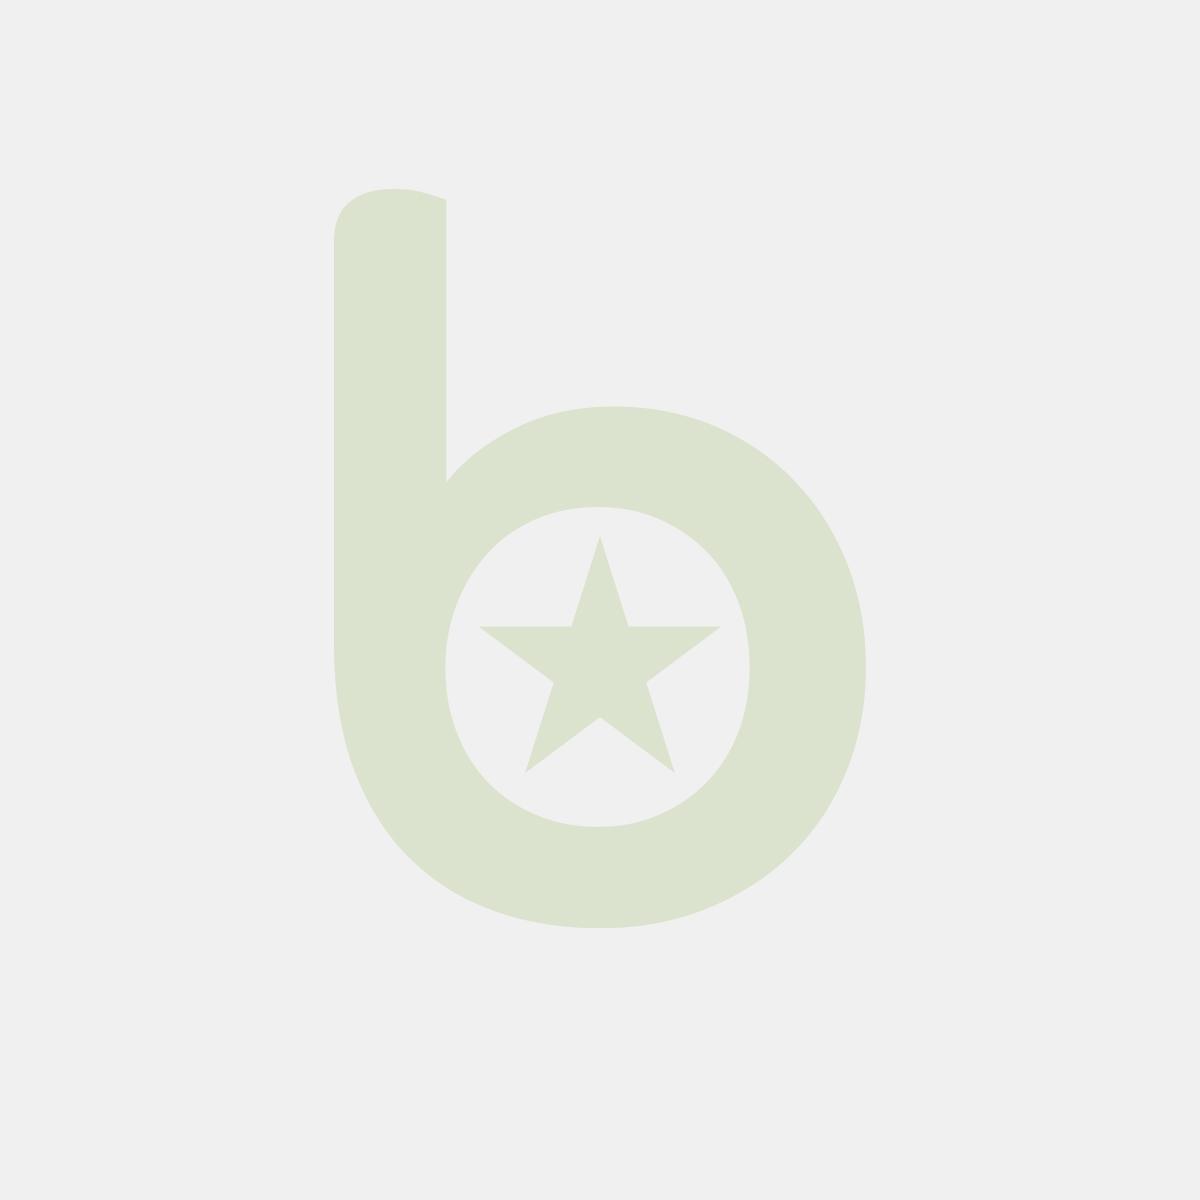 Cienkopis SCHNEIDER Line-Up, 0,4mm, jasnoniebieski